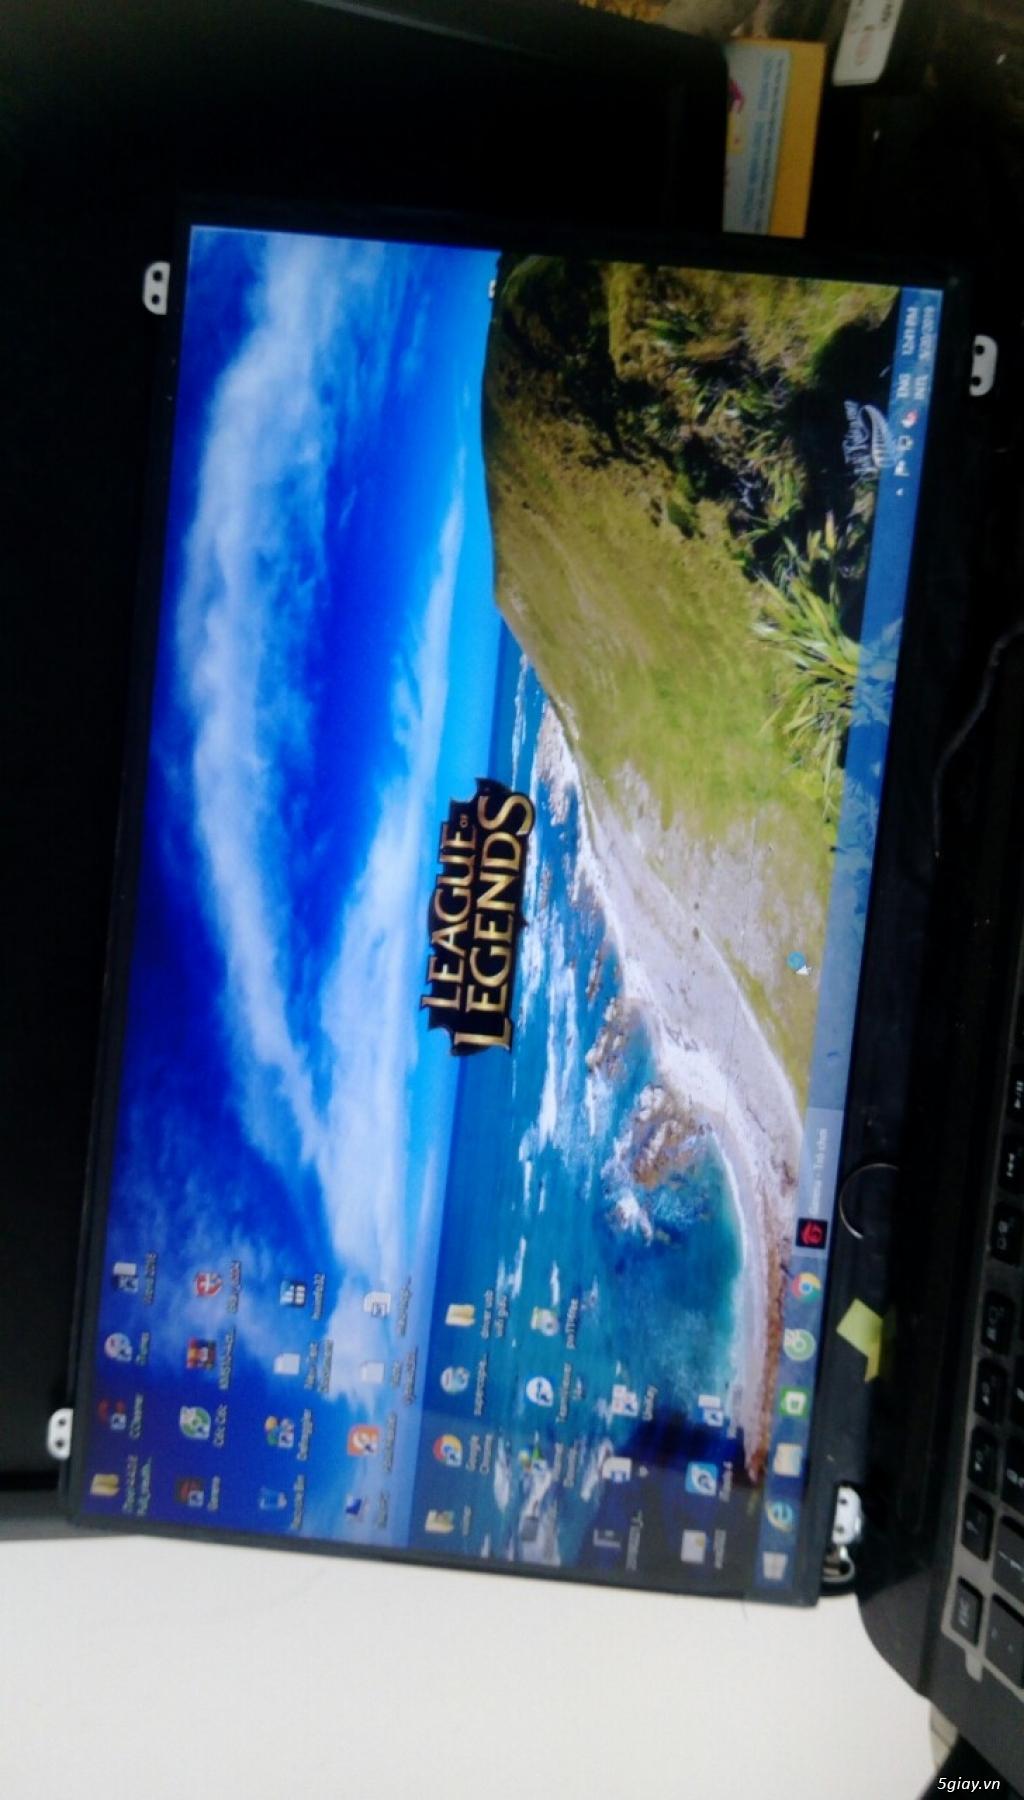 Rã máy sống laptop các loại toshiba asus dell hp lenovo ibm compaq v v - 5